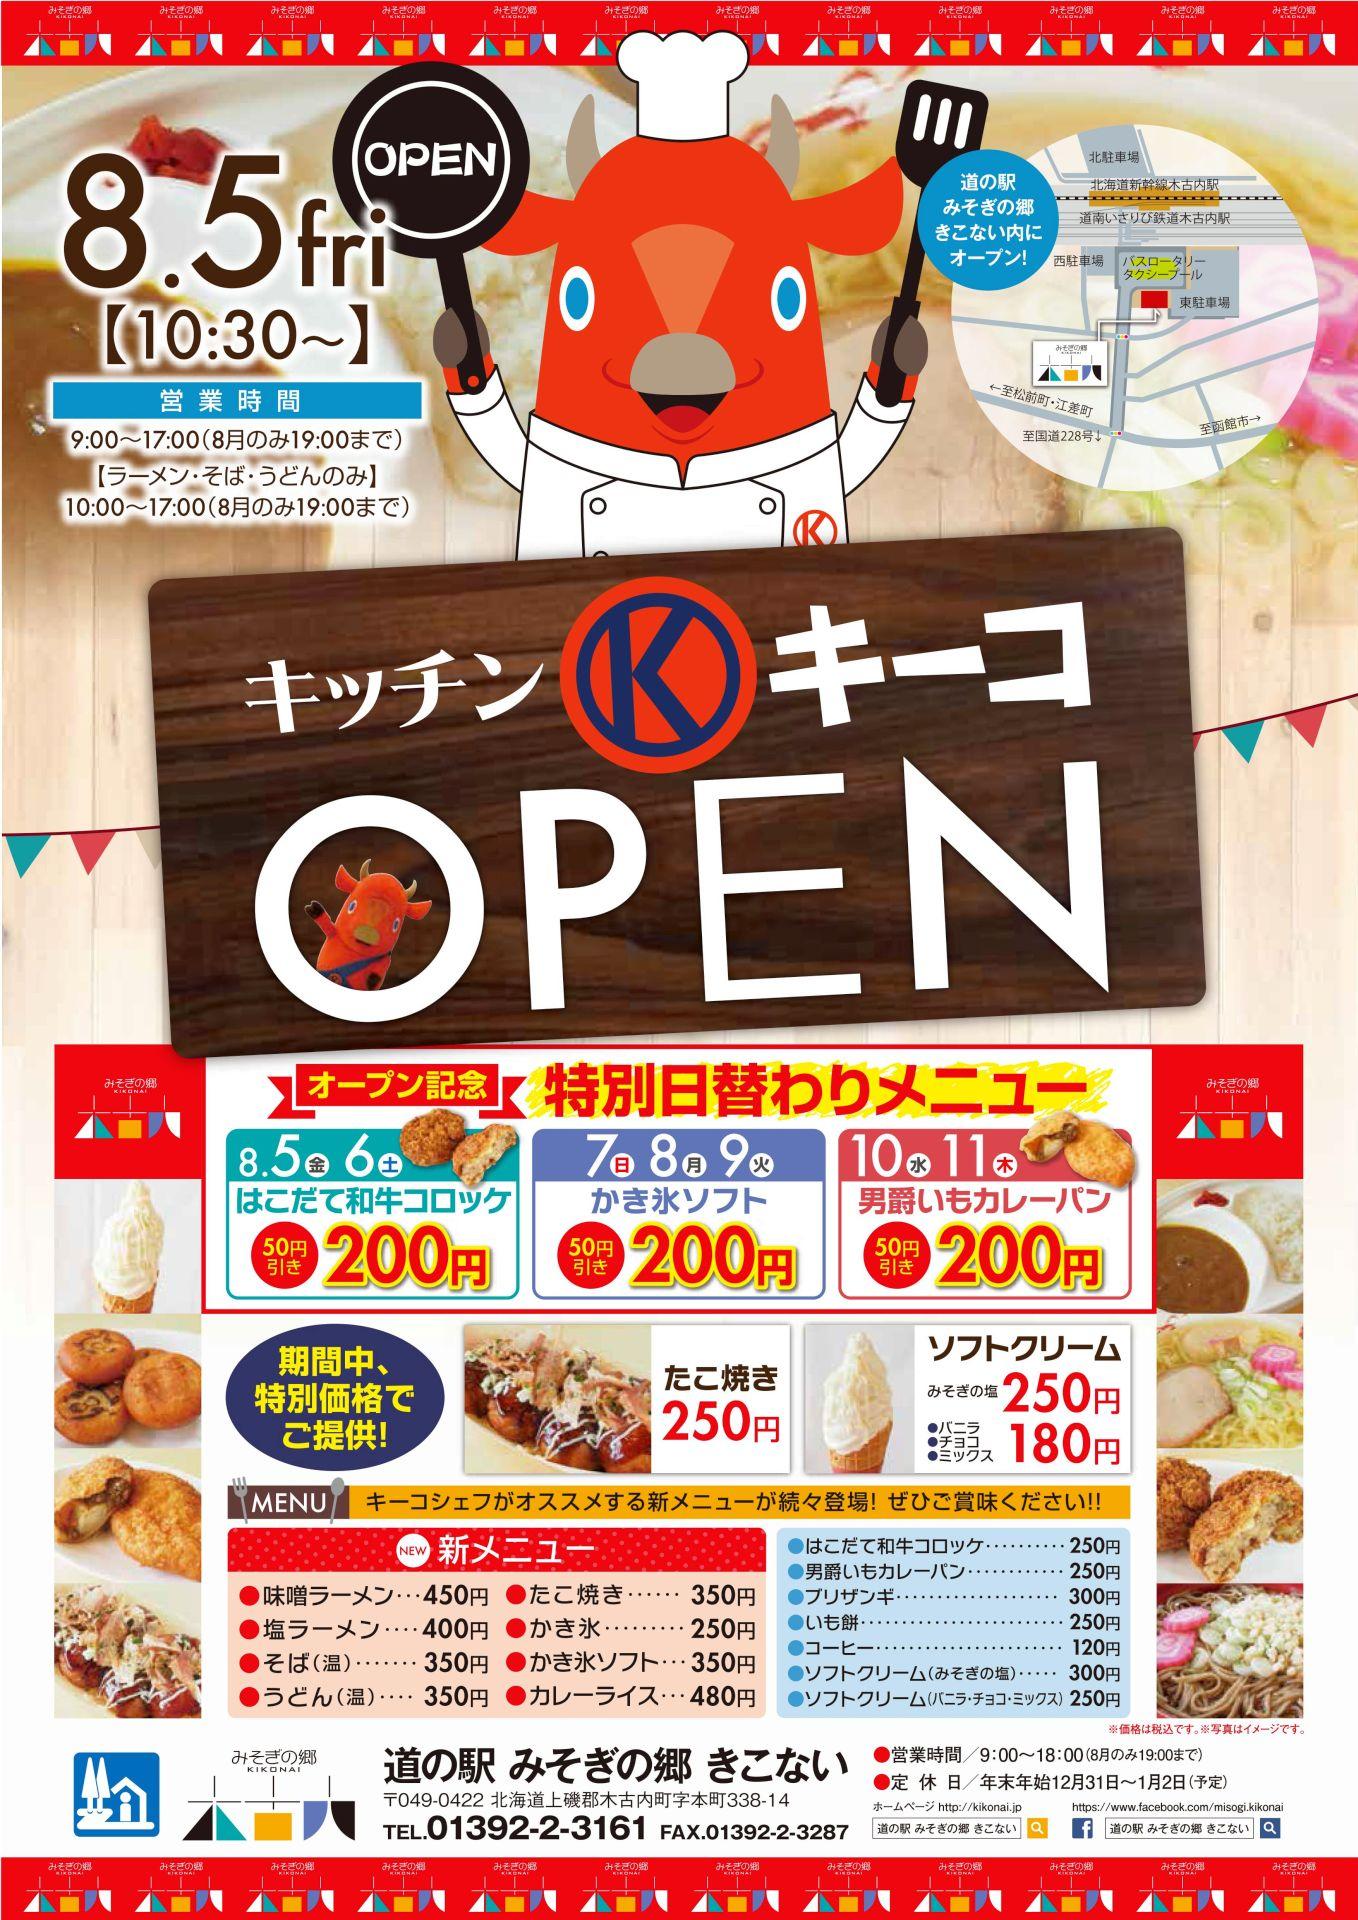 キッチンキーコ オープン!